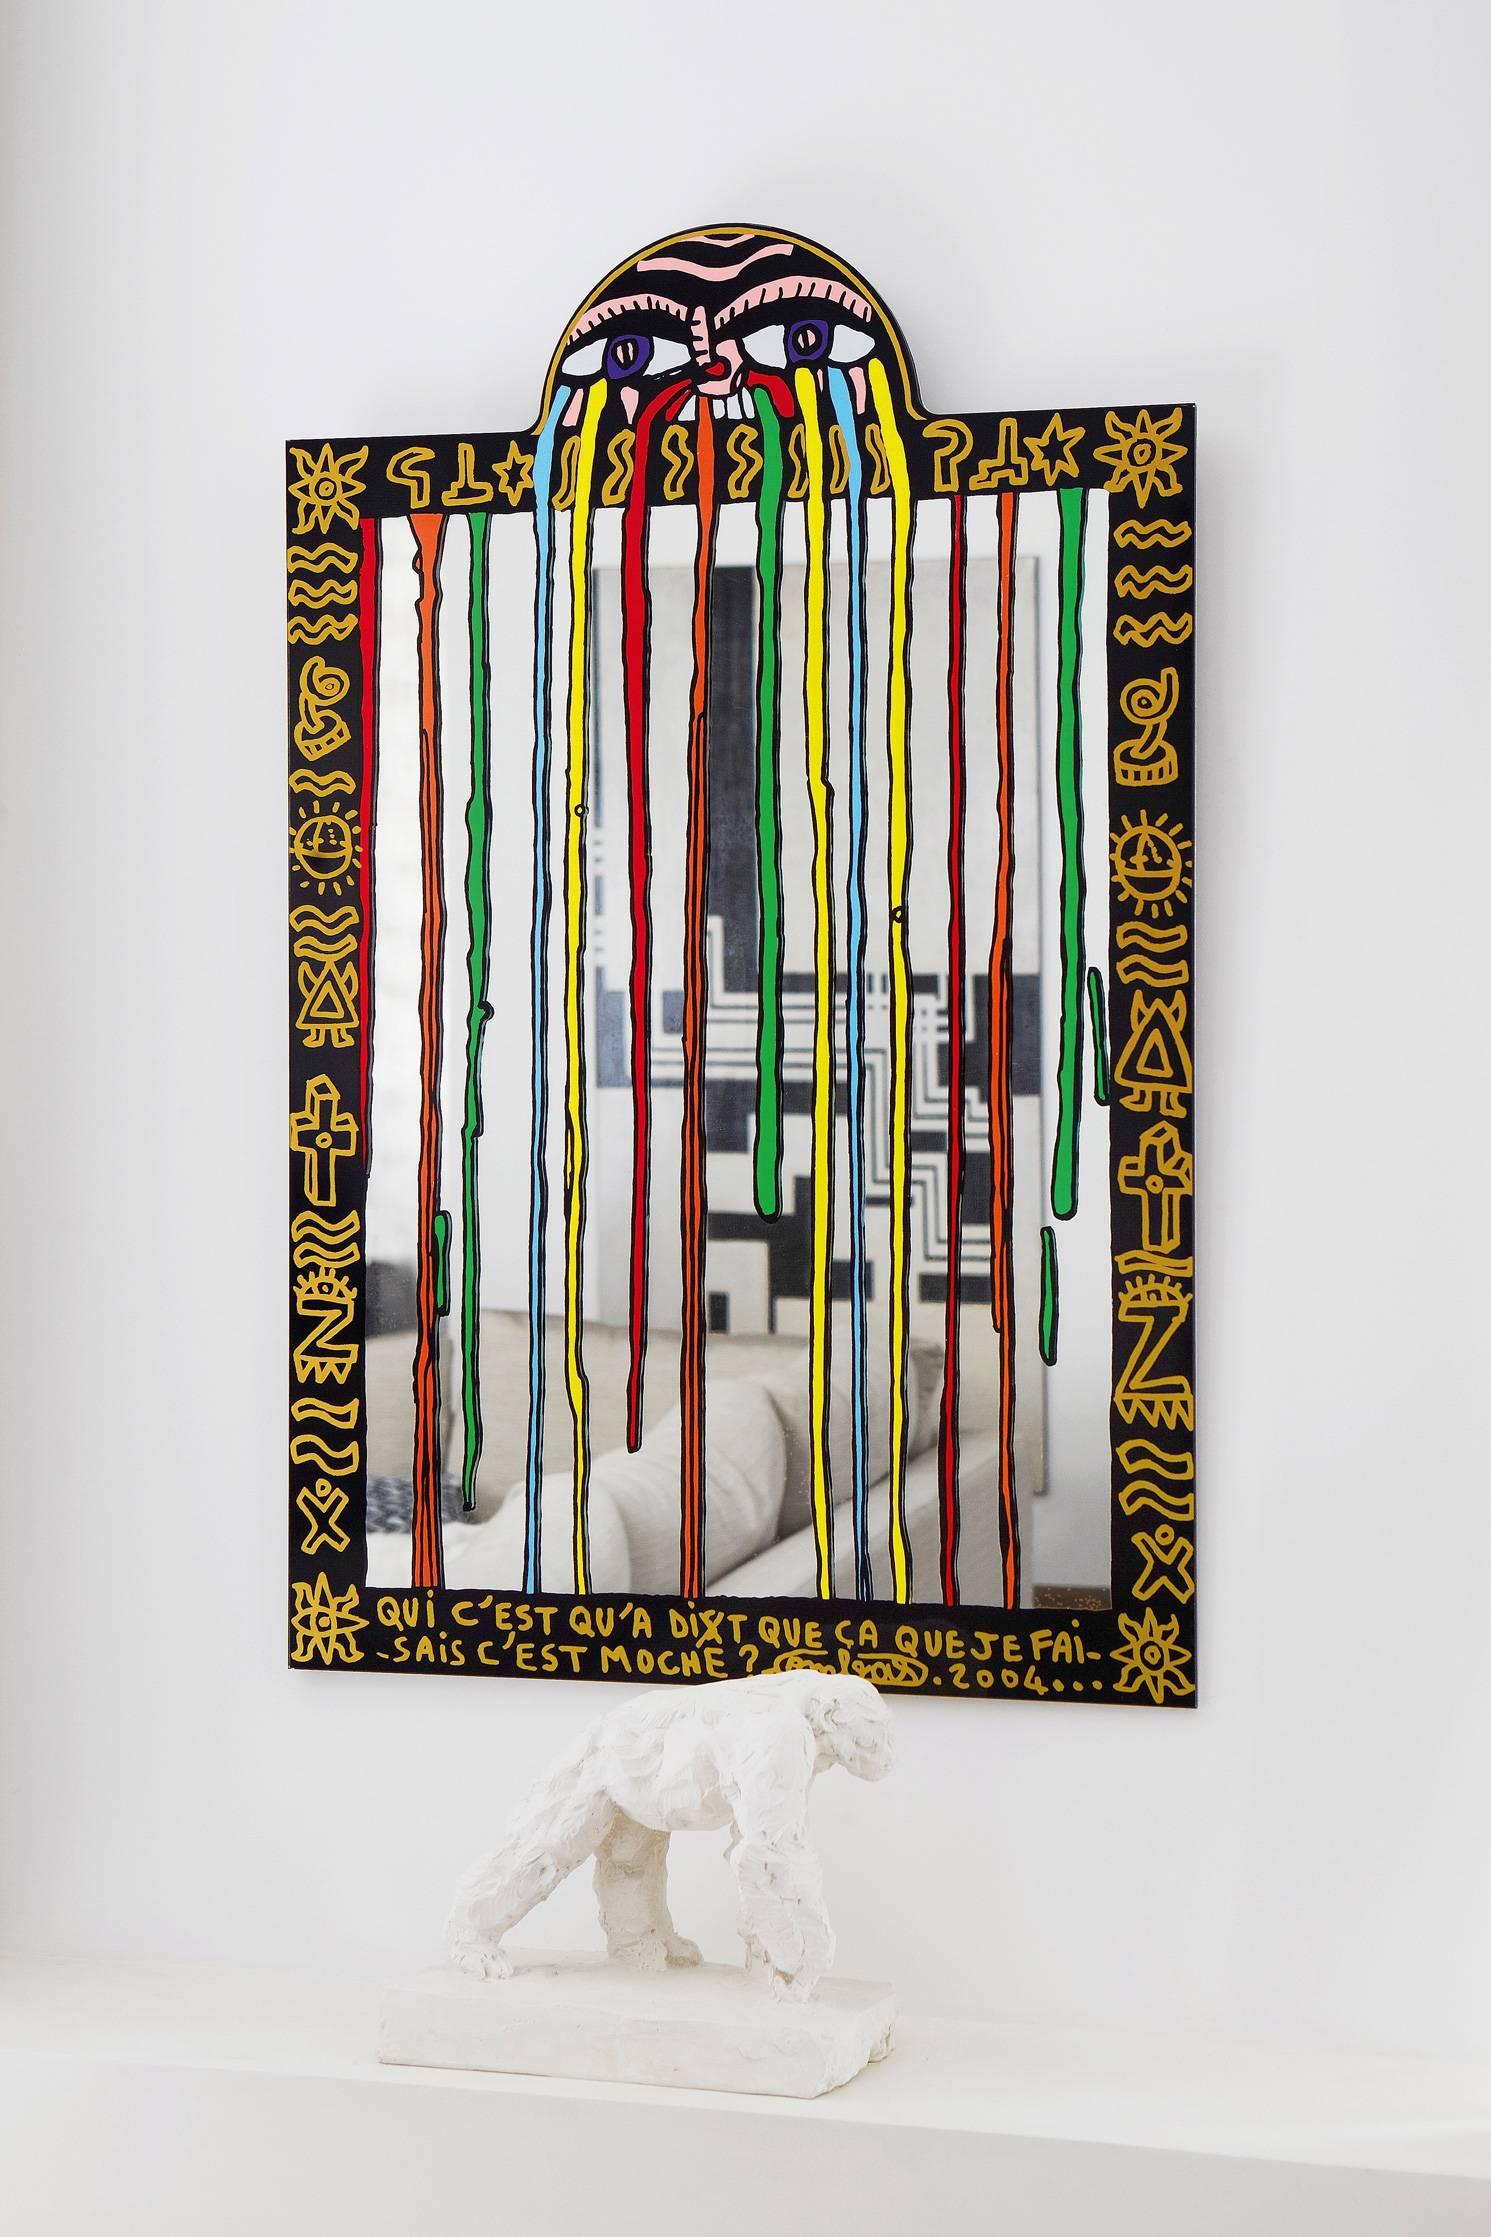 Devant le miroir Combas, un gorille Artis Boromé.